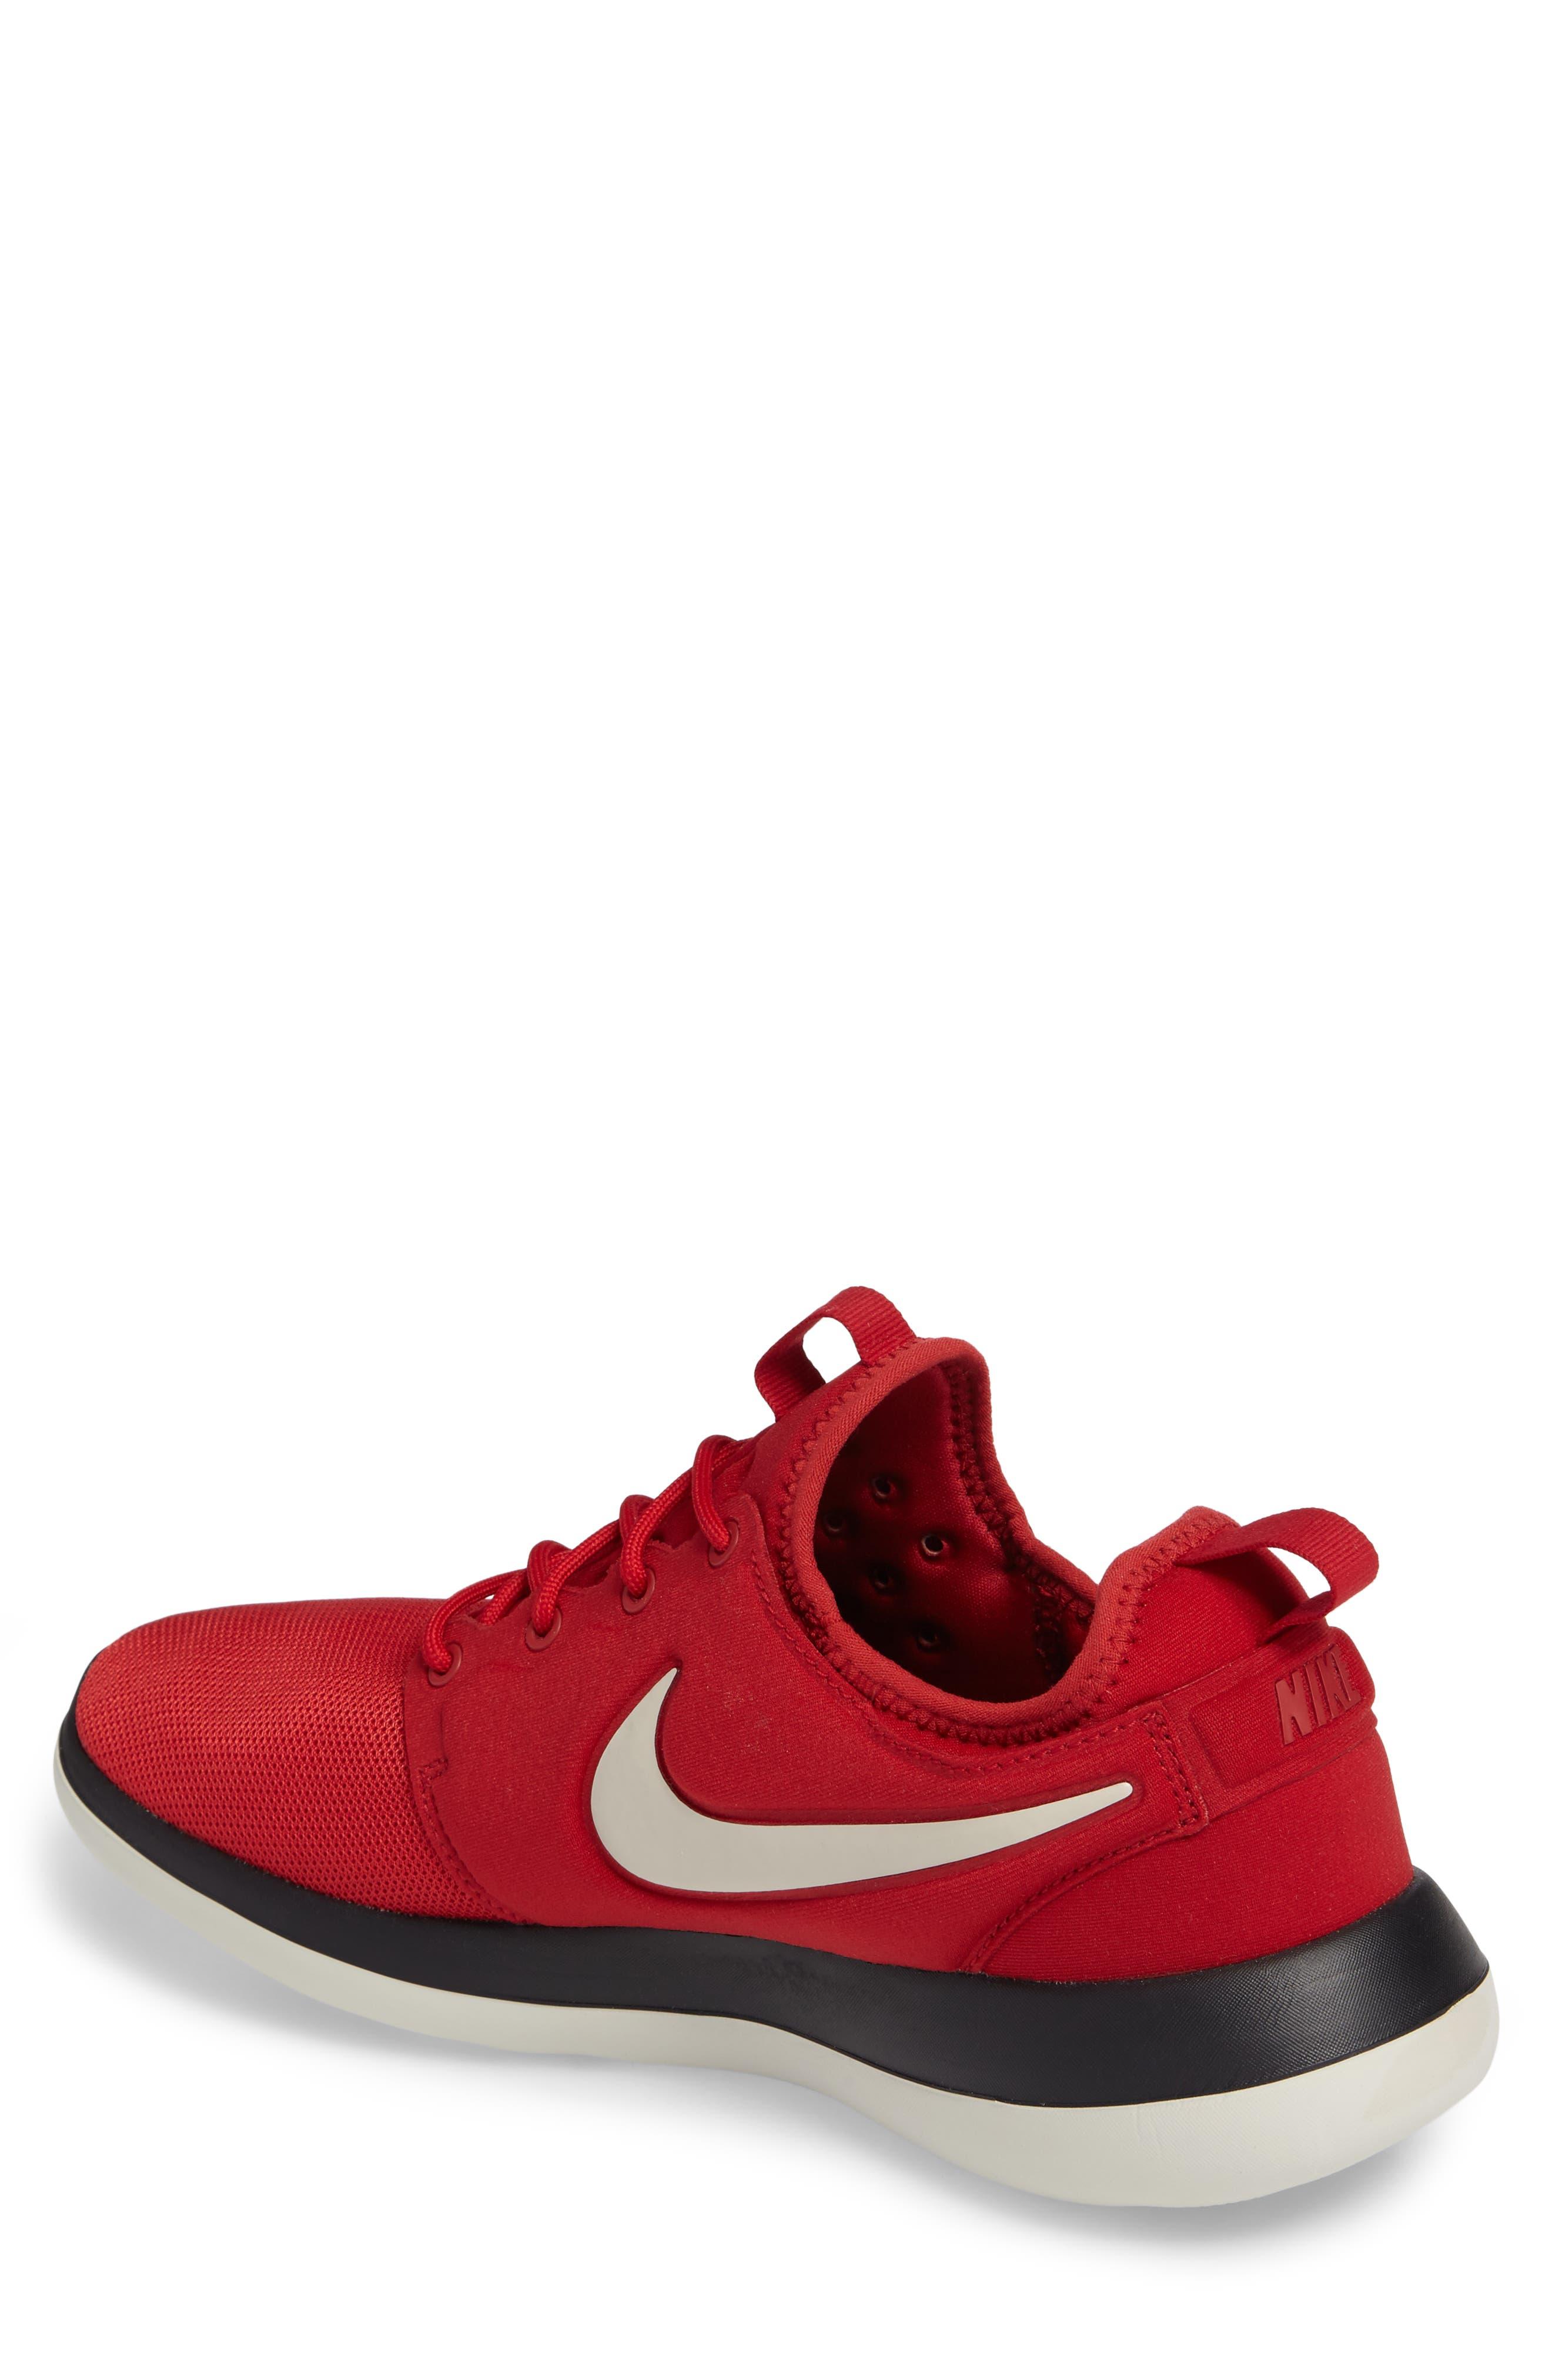 Roshe Two Sneaker,                             Alternate thumbnail 21, color,